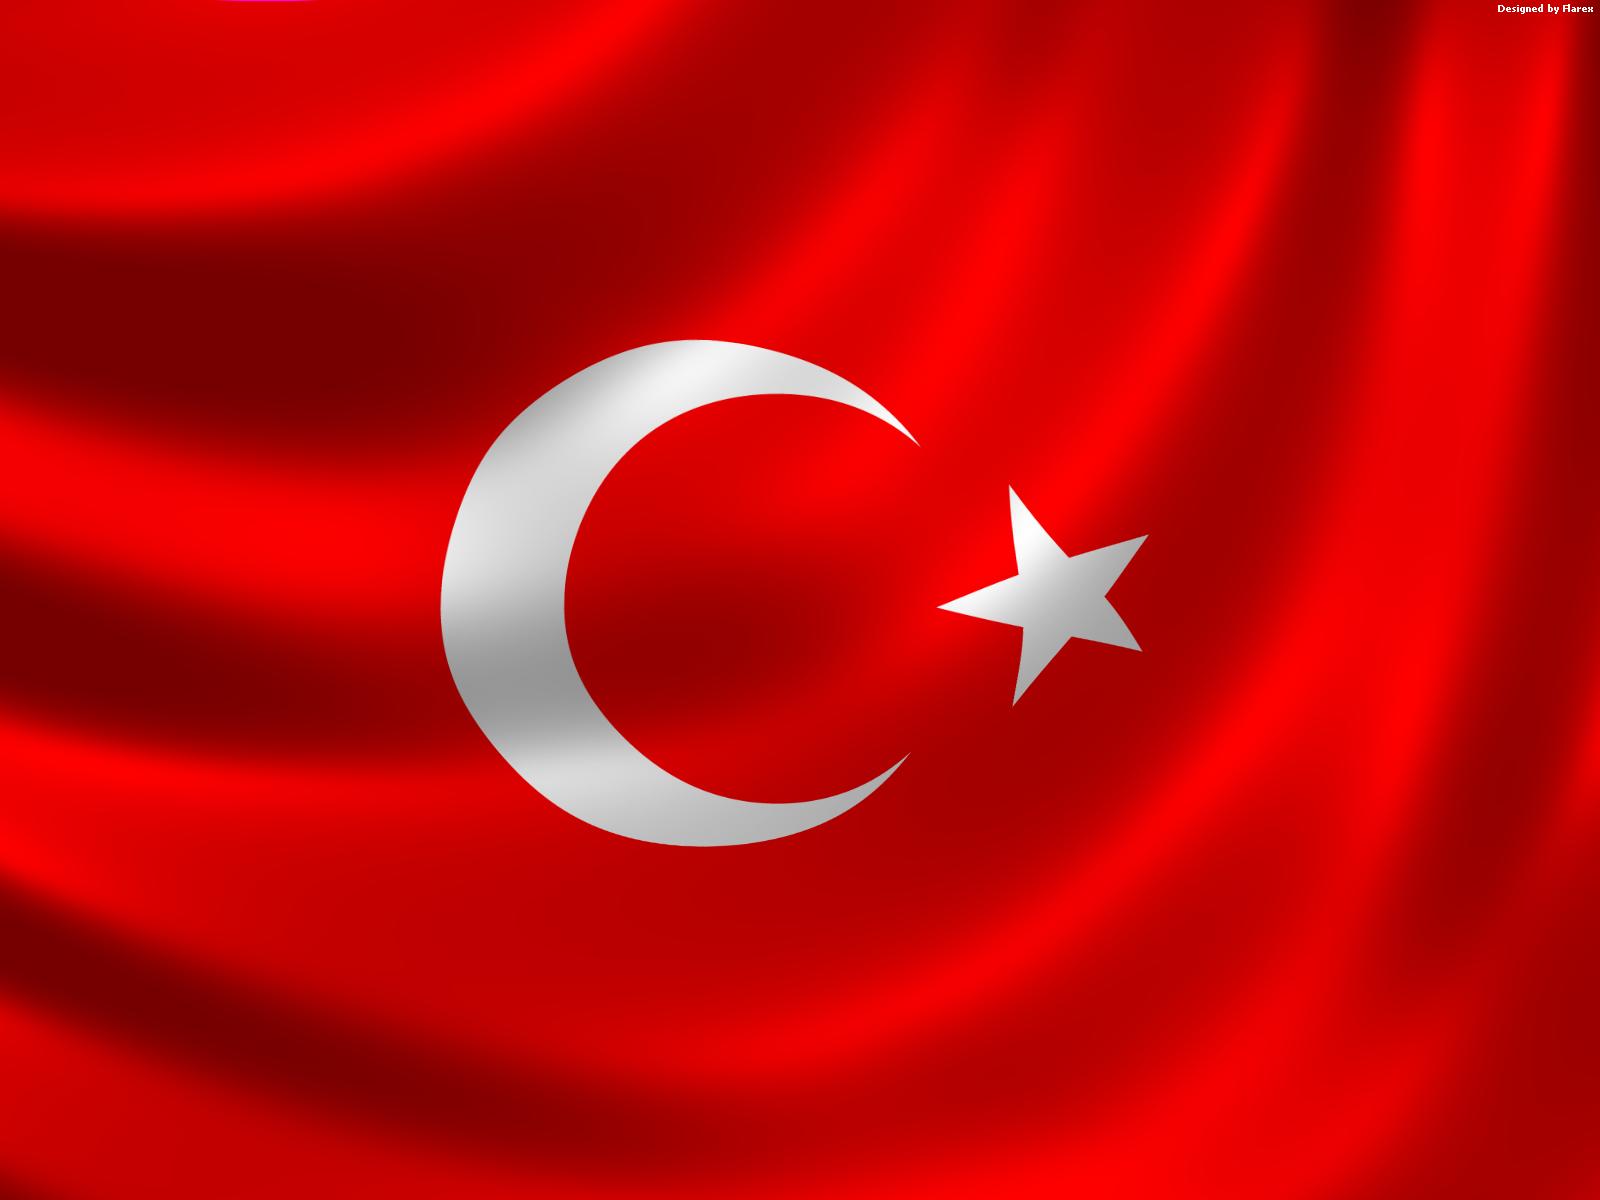 Şanlı türk bayrağı resimleri